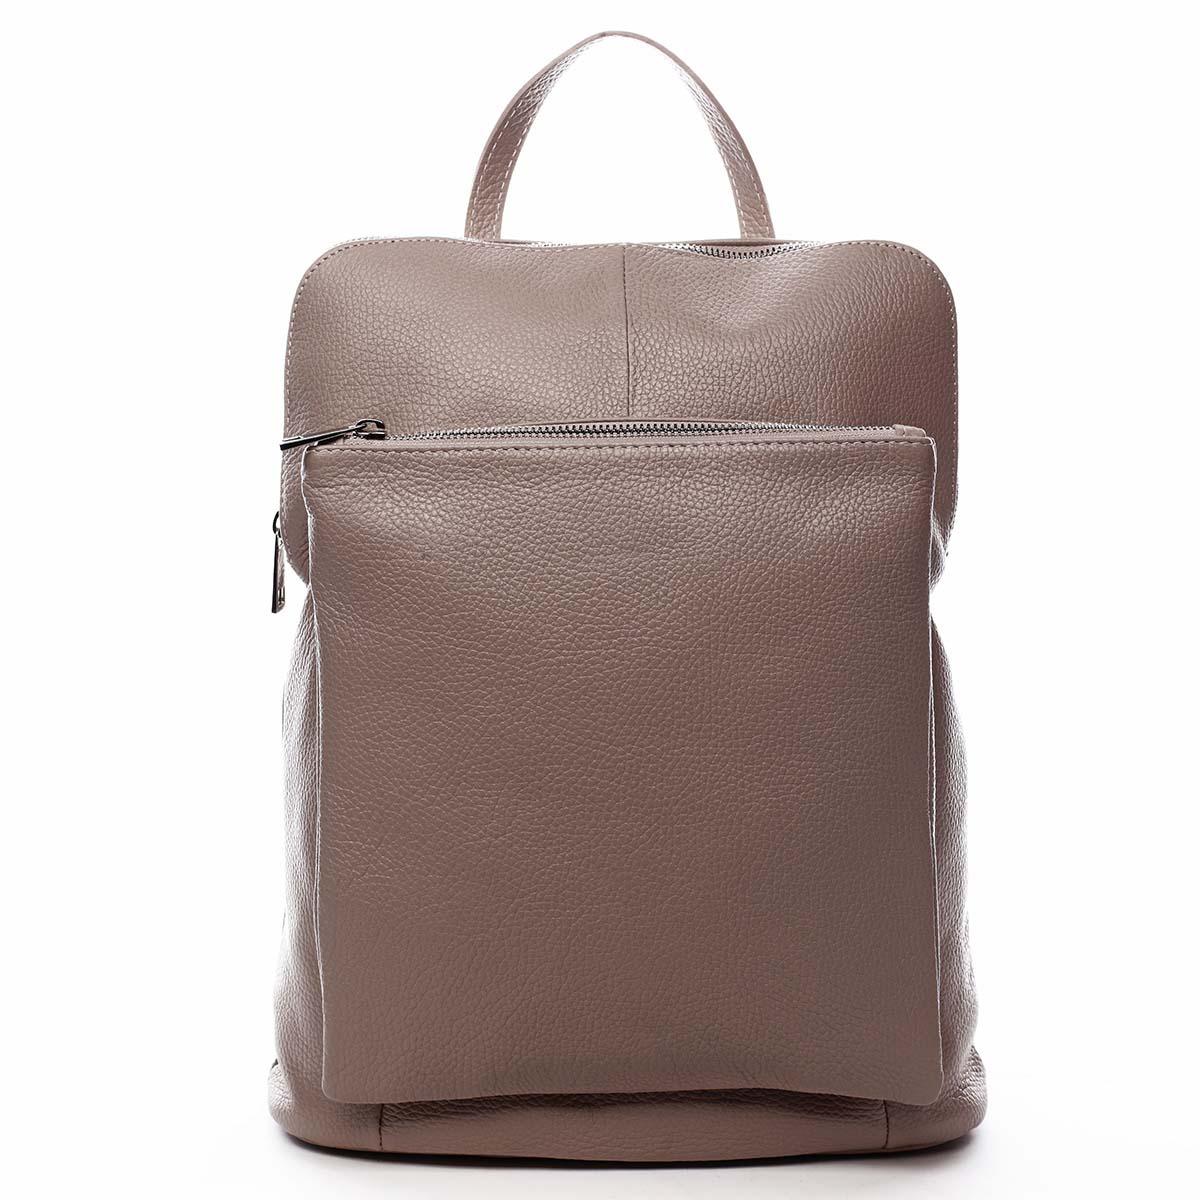 Dámský kožený batůžek kabelka starorůžový - ItalY Houtel